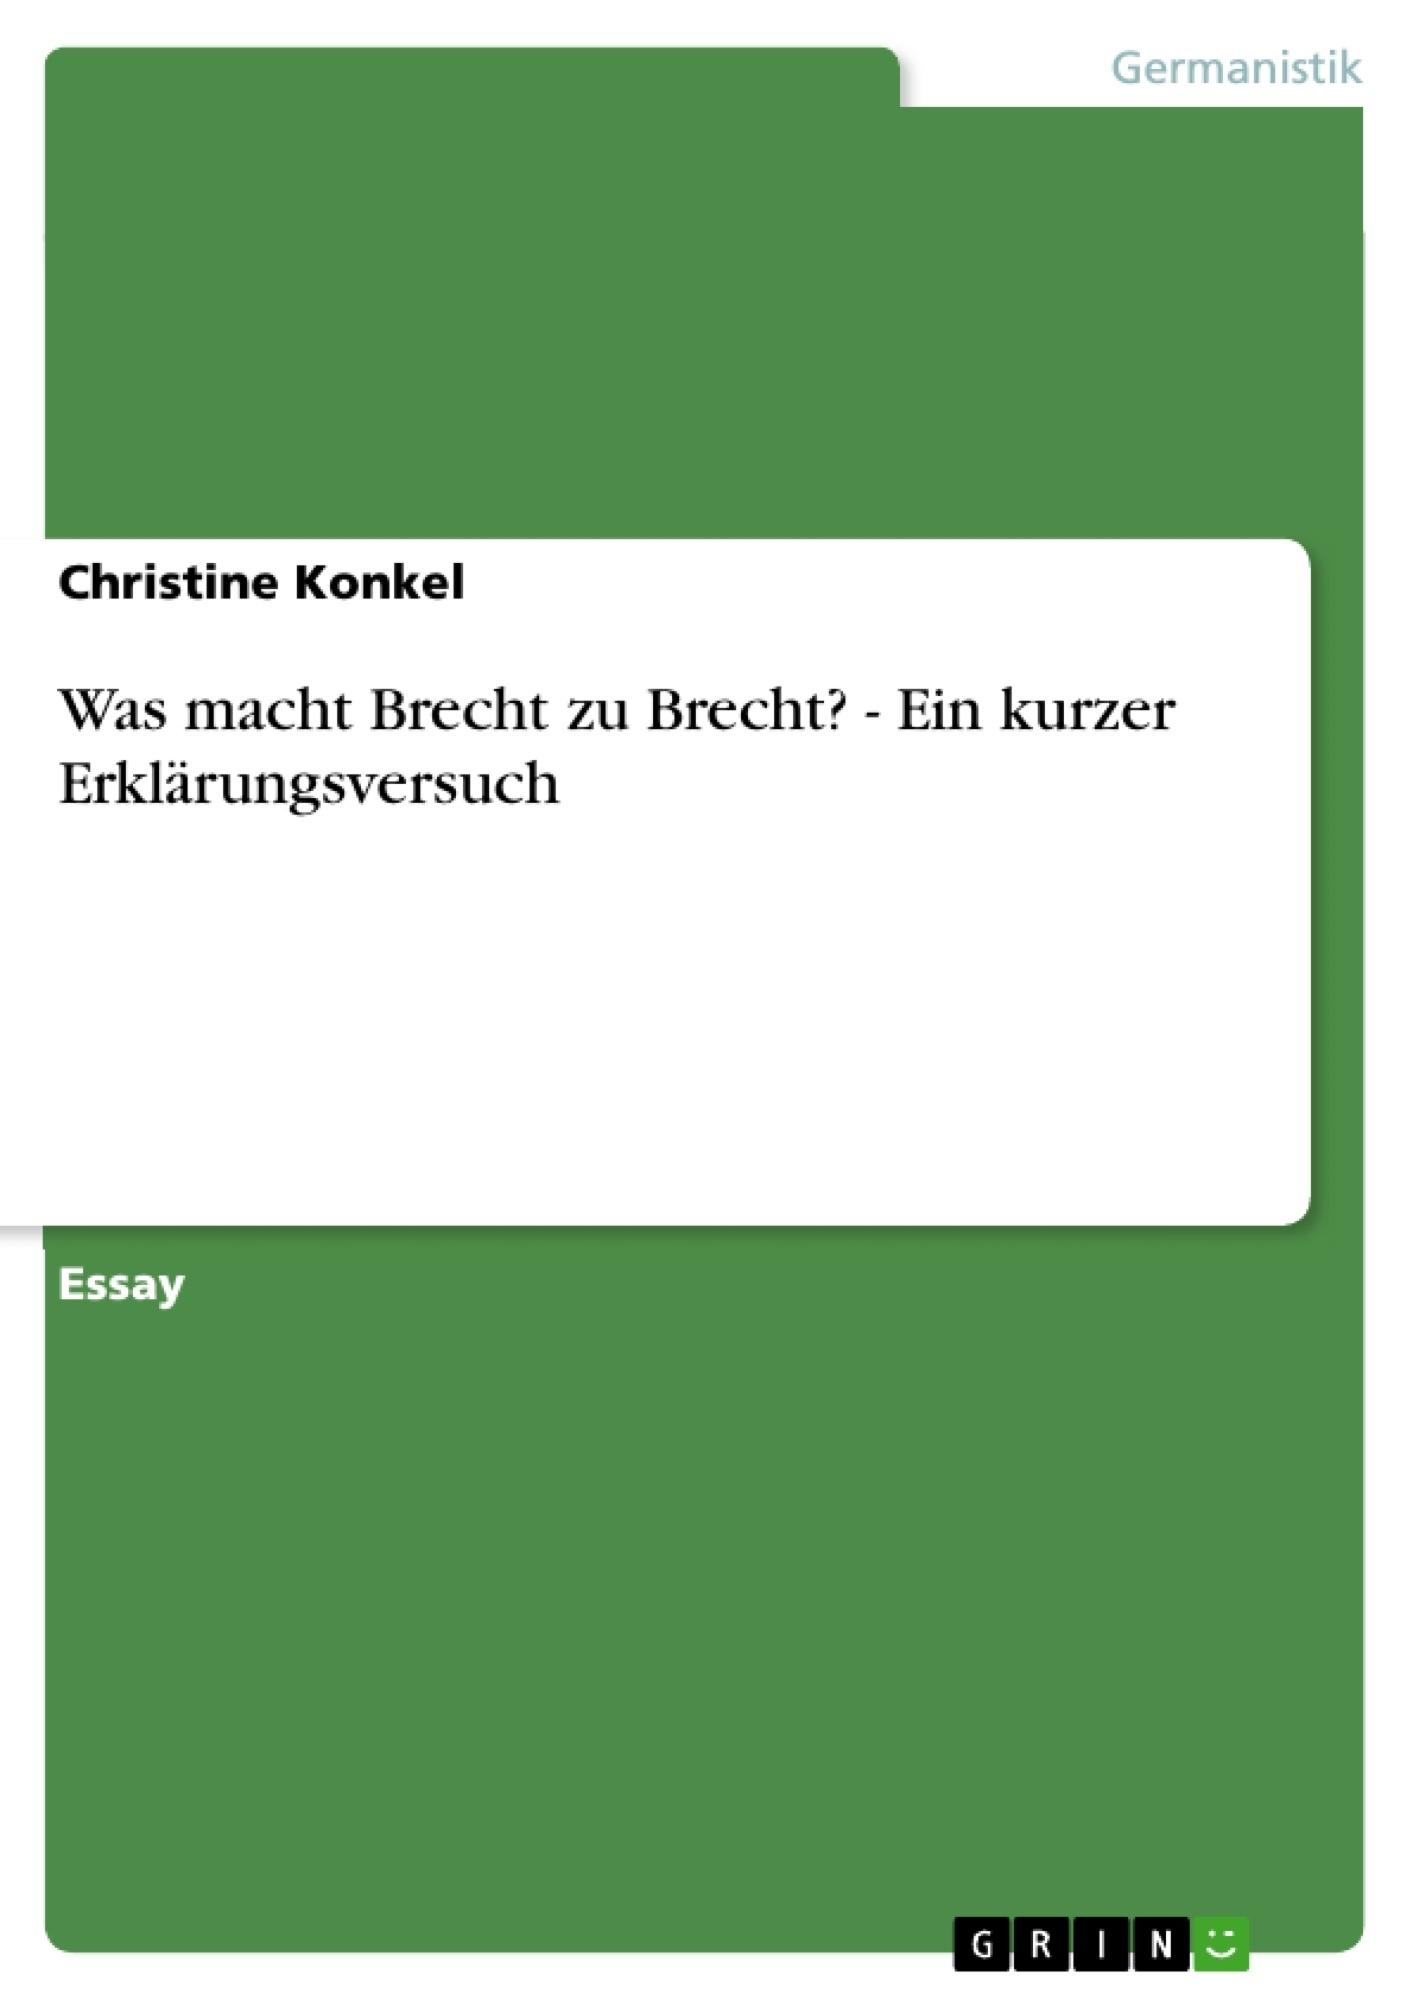 Titel: Was macht Brecht zu Brecht? - Ein kurzer Erklärungsversuch